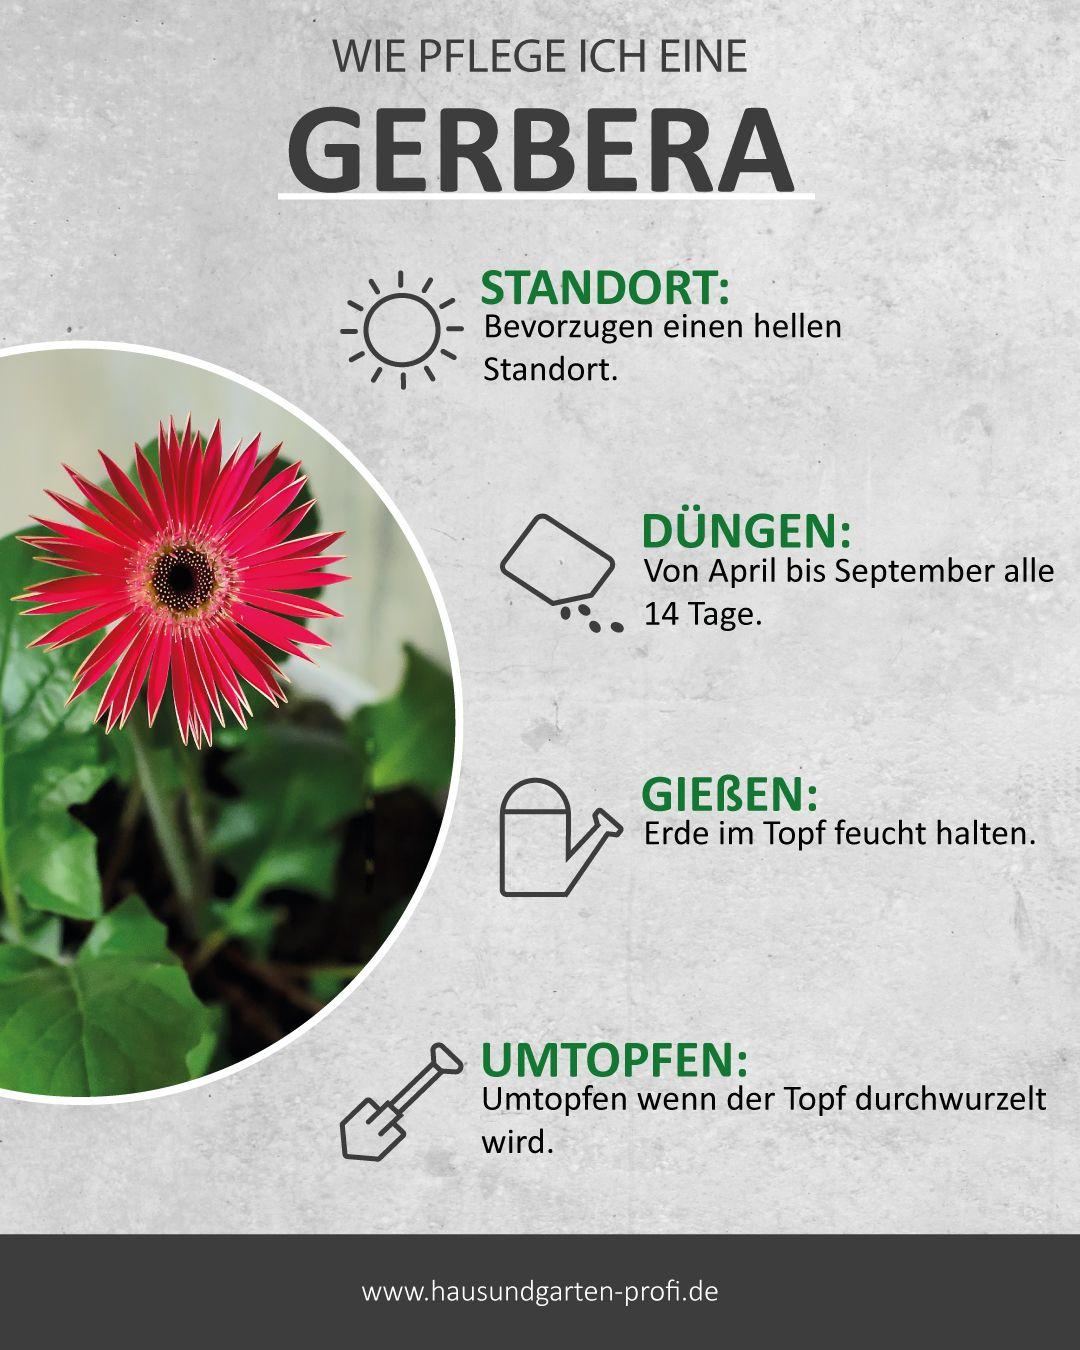 Die Pflegeleichte Gerbera Braucht Nur Wenig Wasser Garten Anpflanzen Pflanzen Pflege Gerbera